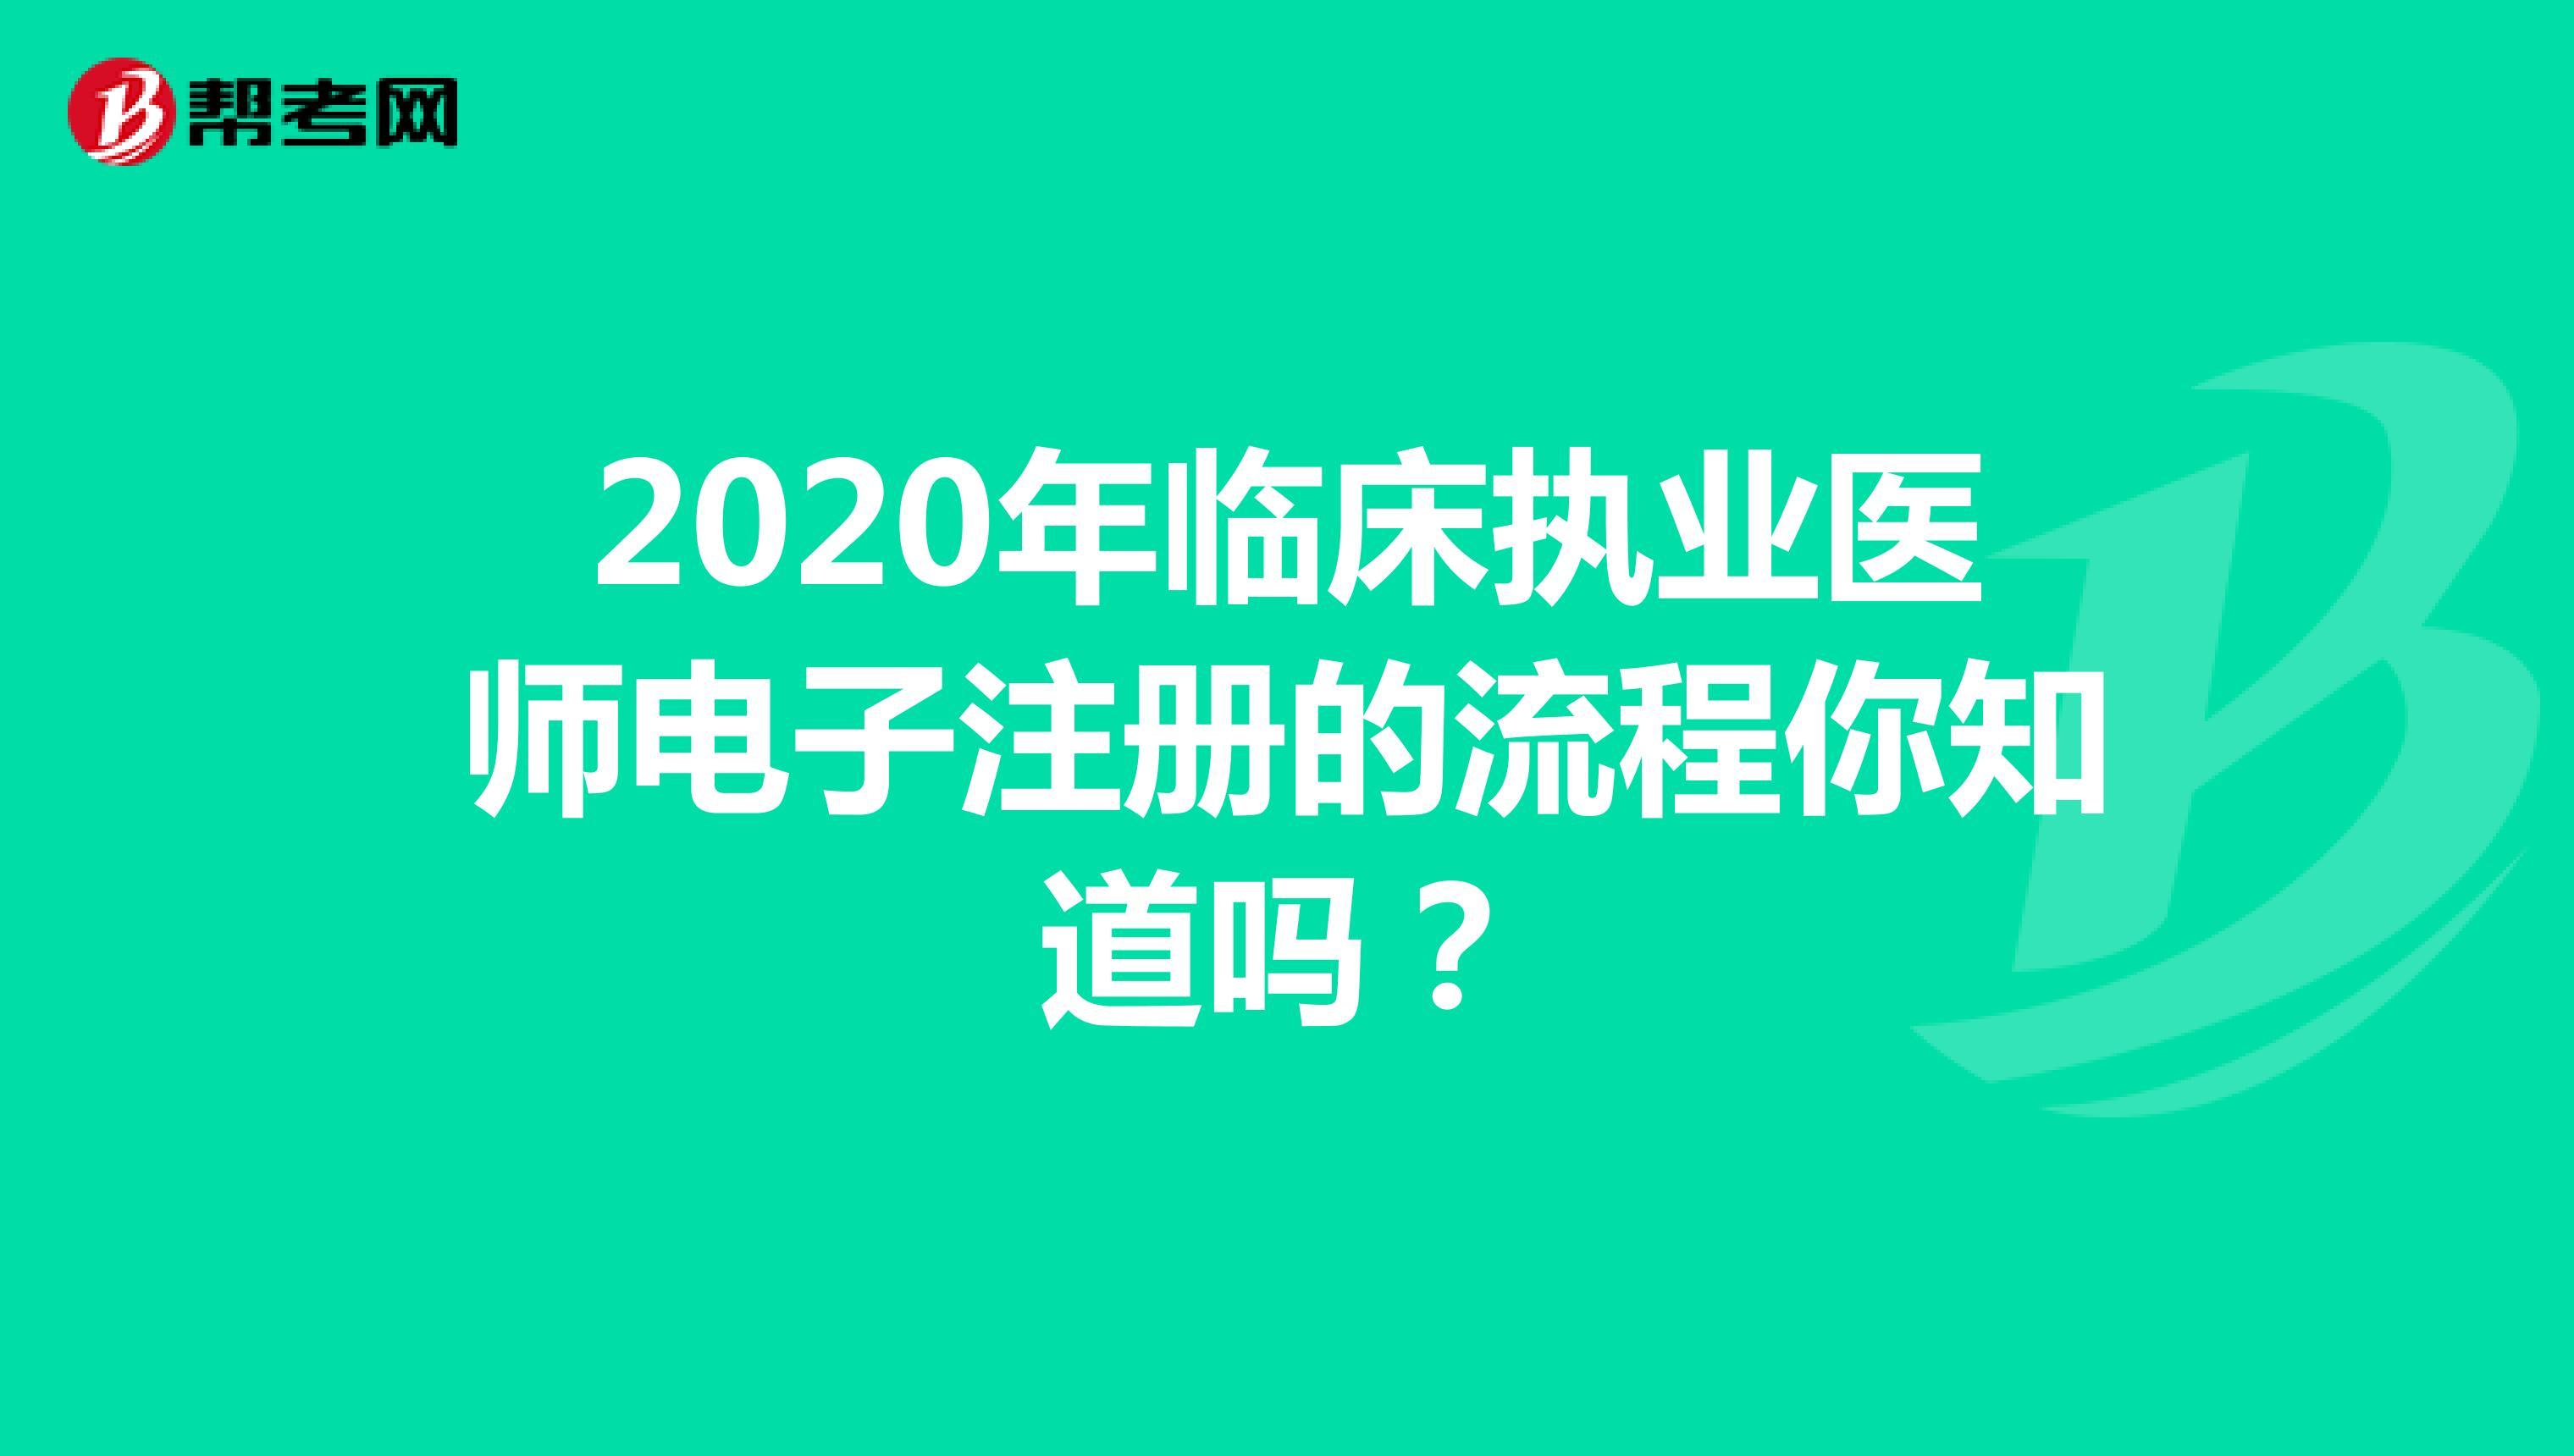 2020年臨床執業醫師電子注冊的流程你知道嗎?